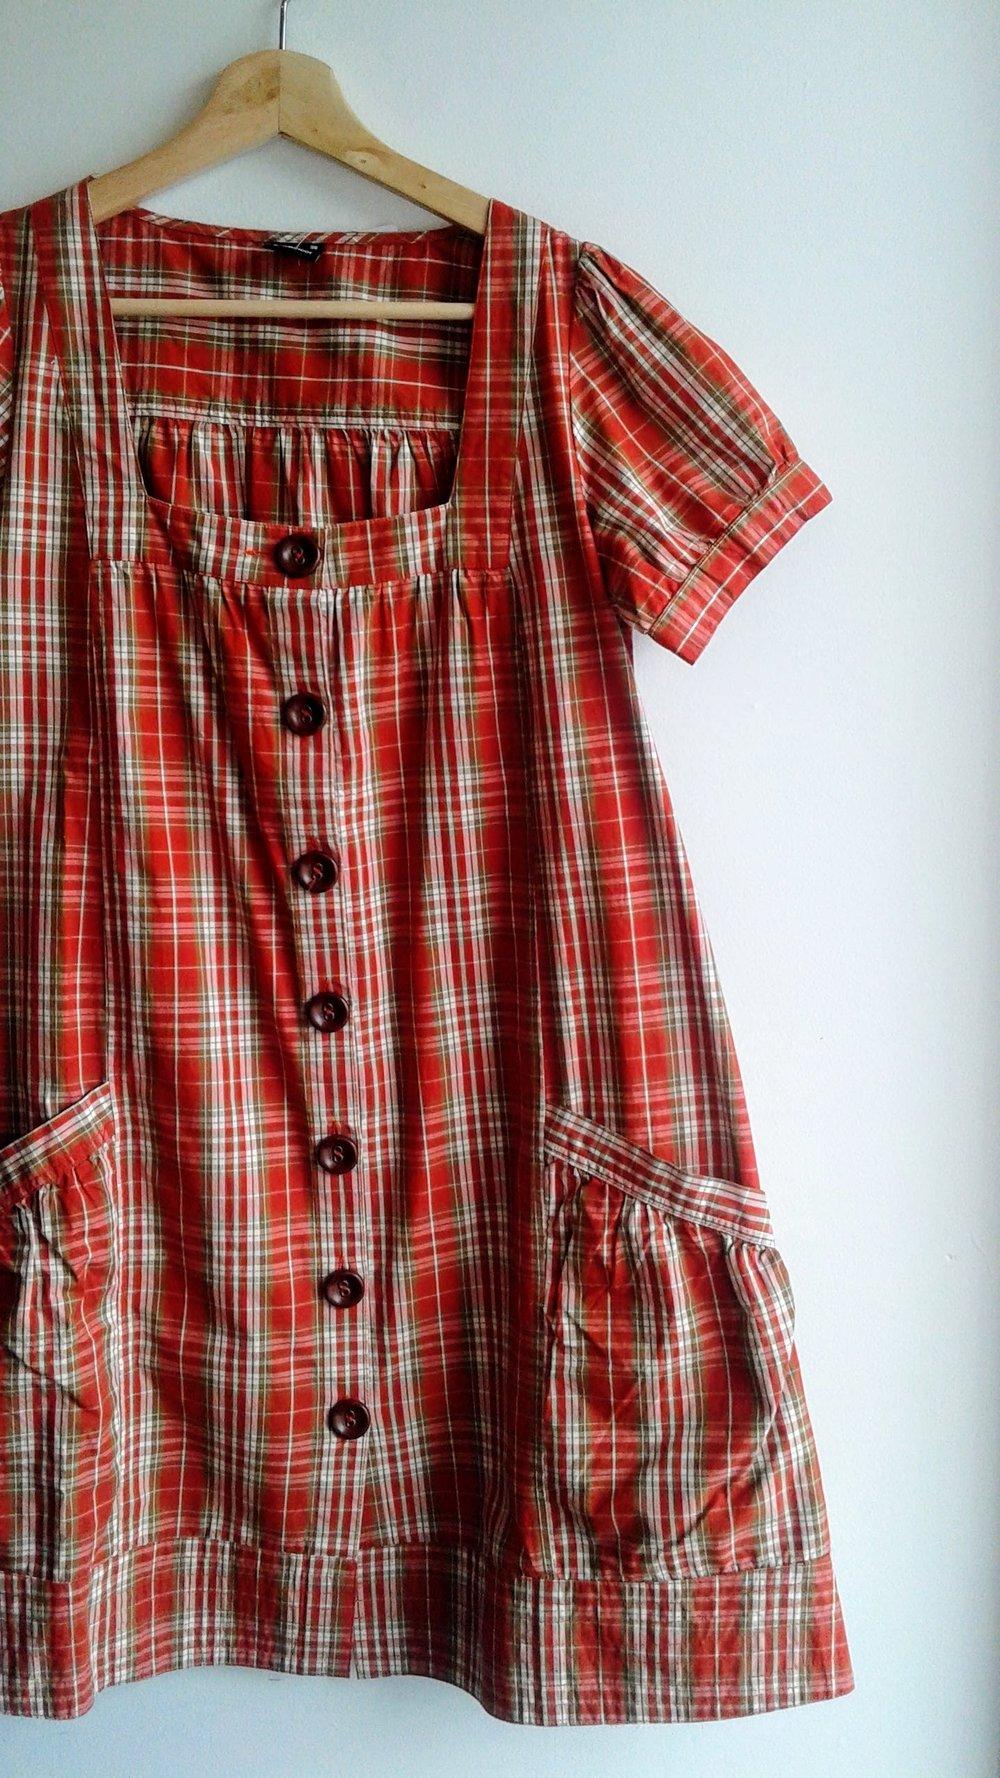 Gina Tricot dress; Size M, $30